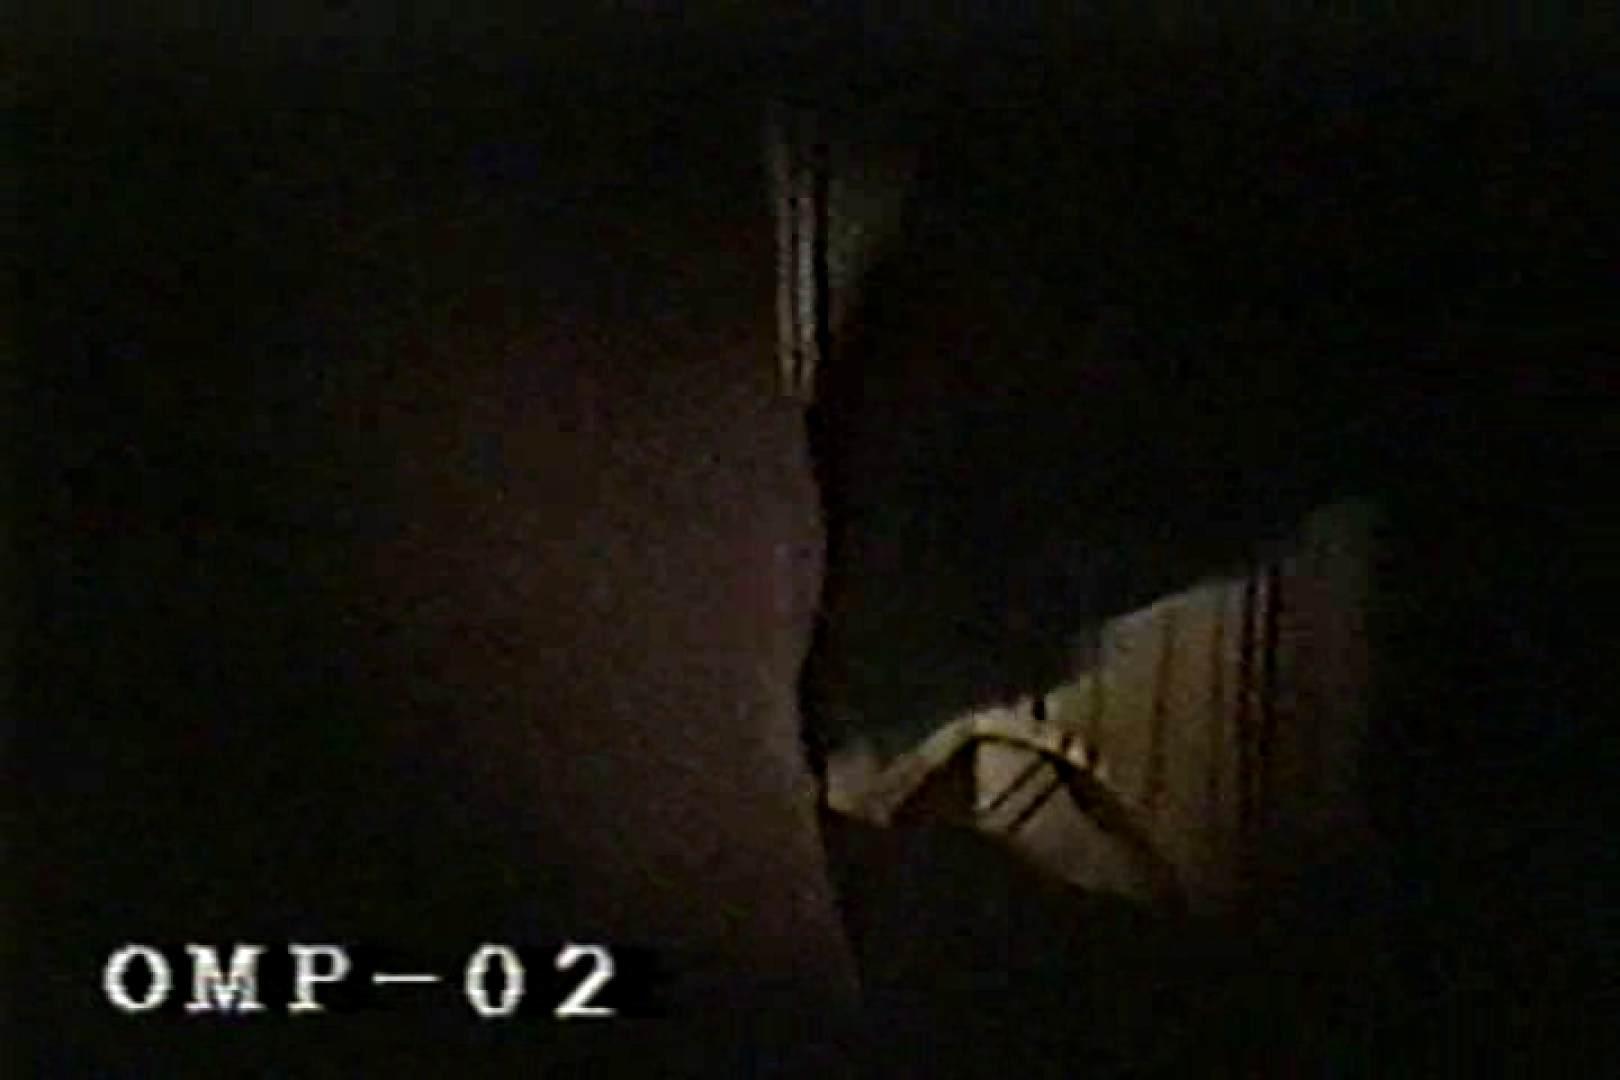 究極の民家覗き撮りVol.2 望遠 覗きオメコ動画キャプチャ 50pic 48